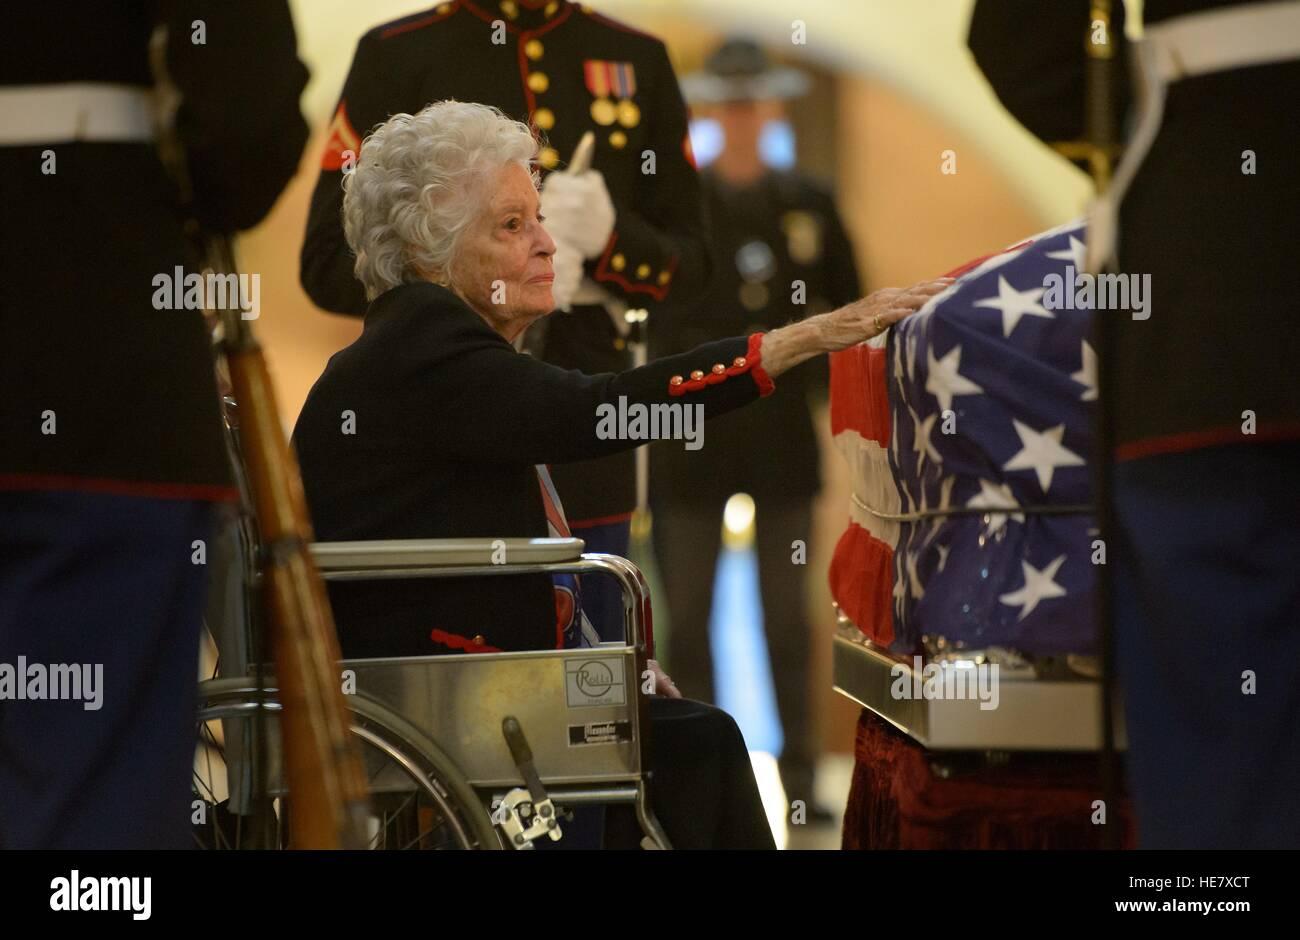 Annie Glenn, veuve de l'astronaute et l'ancien sénateur John Glenn tend la main pour toucher le cercueil de son mari gisant au repos à la maison de l'état de l'Ohio, le 16 décembre 2016 à Columbus, Ohio. L'ancien pilote maritime, sénateur et premier homme en orbite autour de la terre est décédé la semaine dernière à l'âge de 95 ans. Banque D'Images